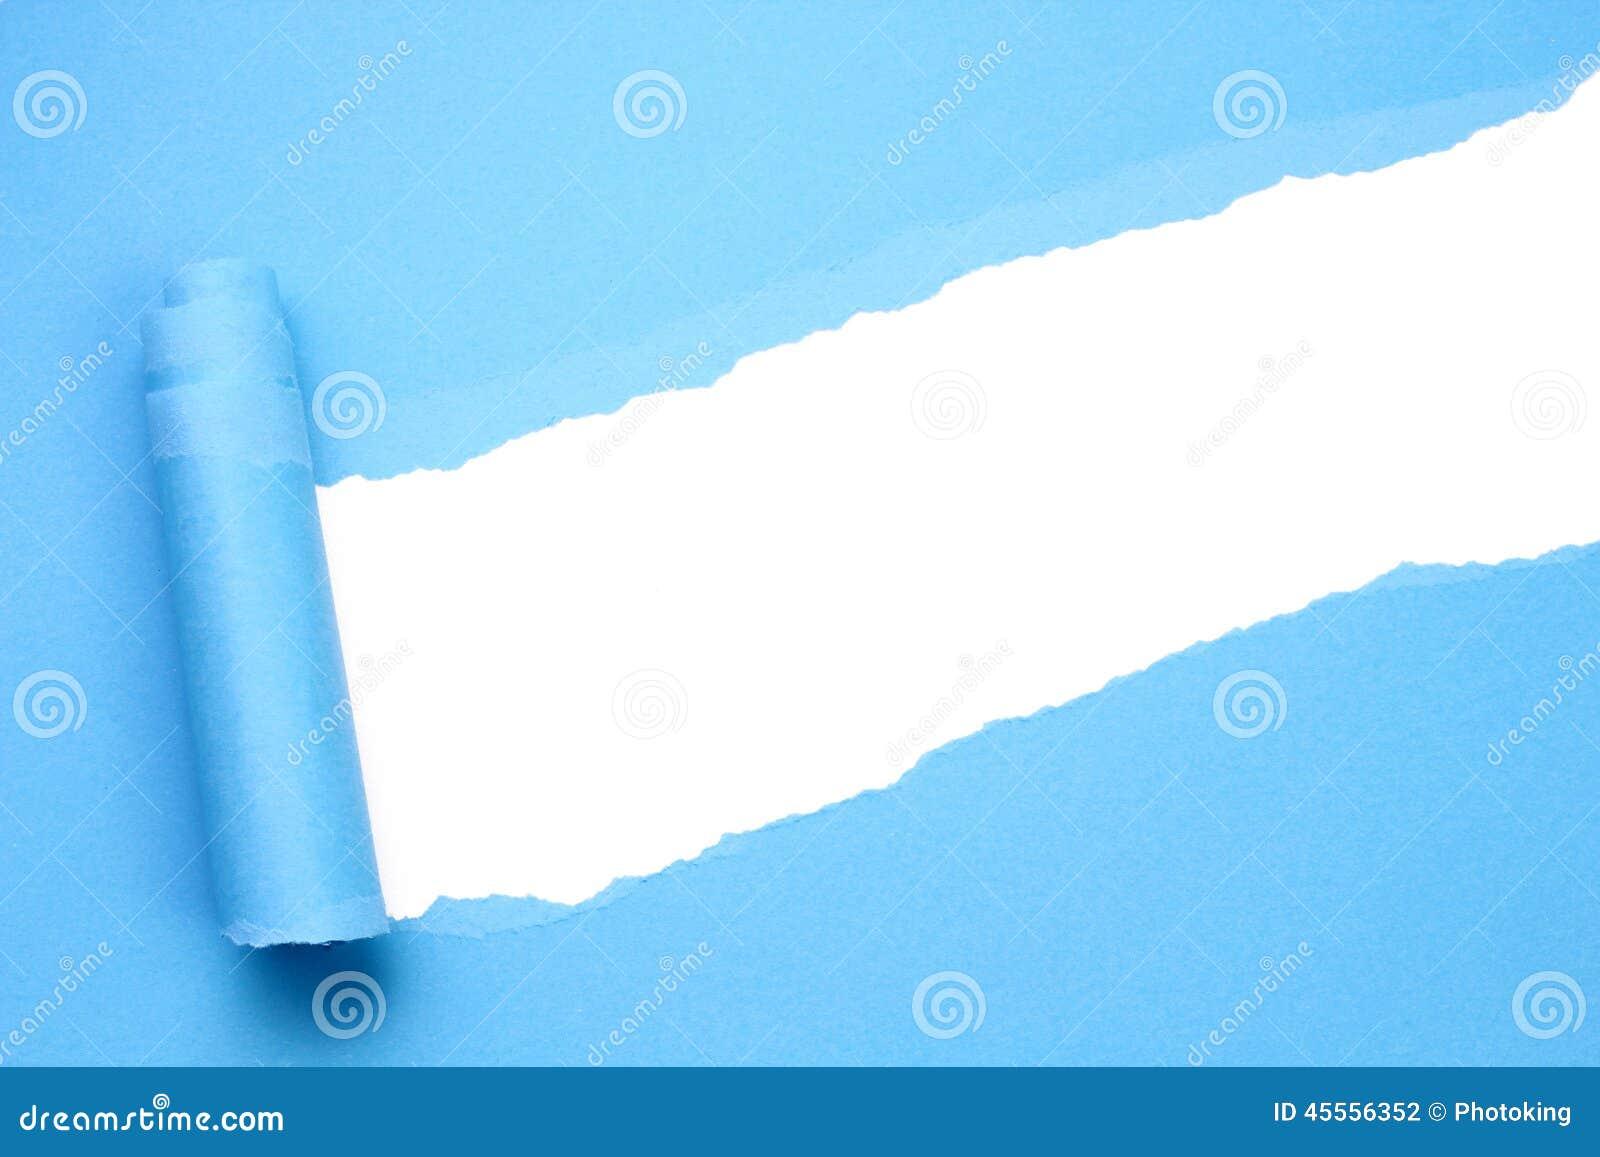 被撕毁的蓝纸